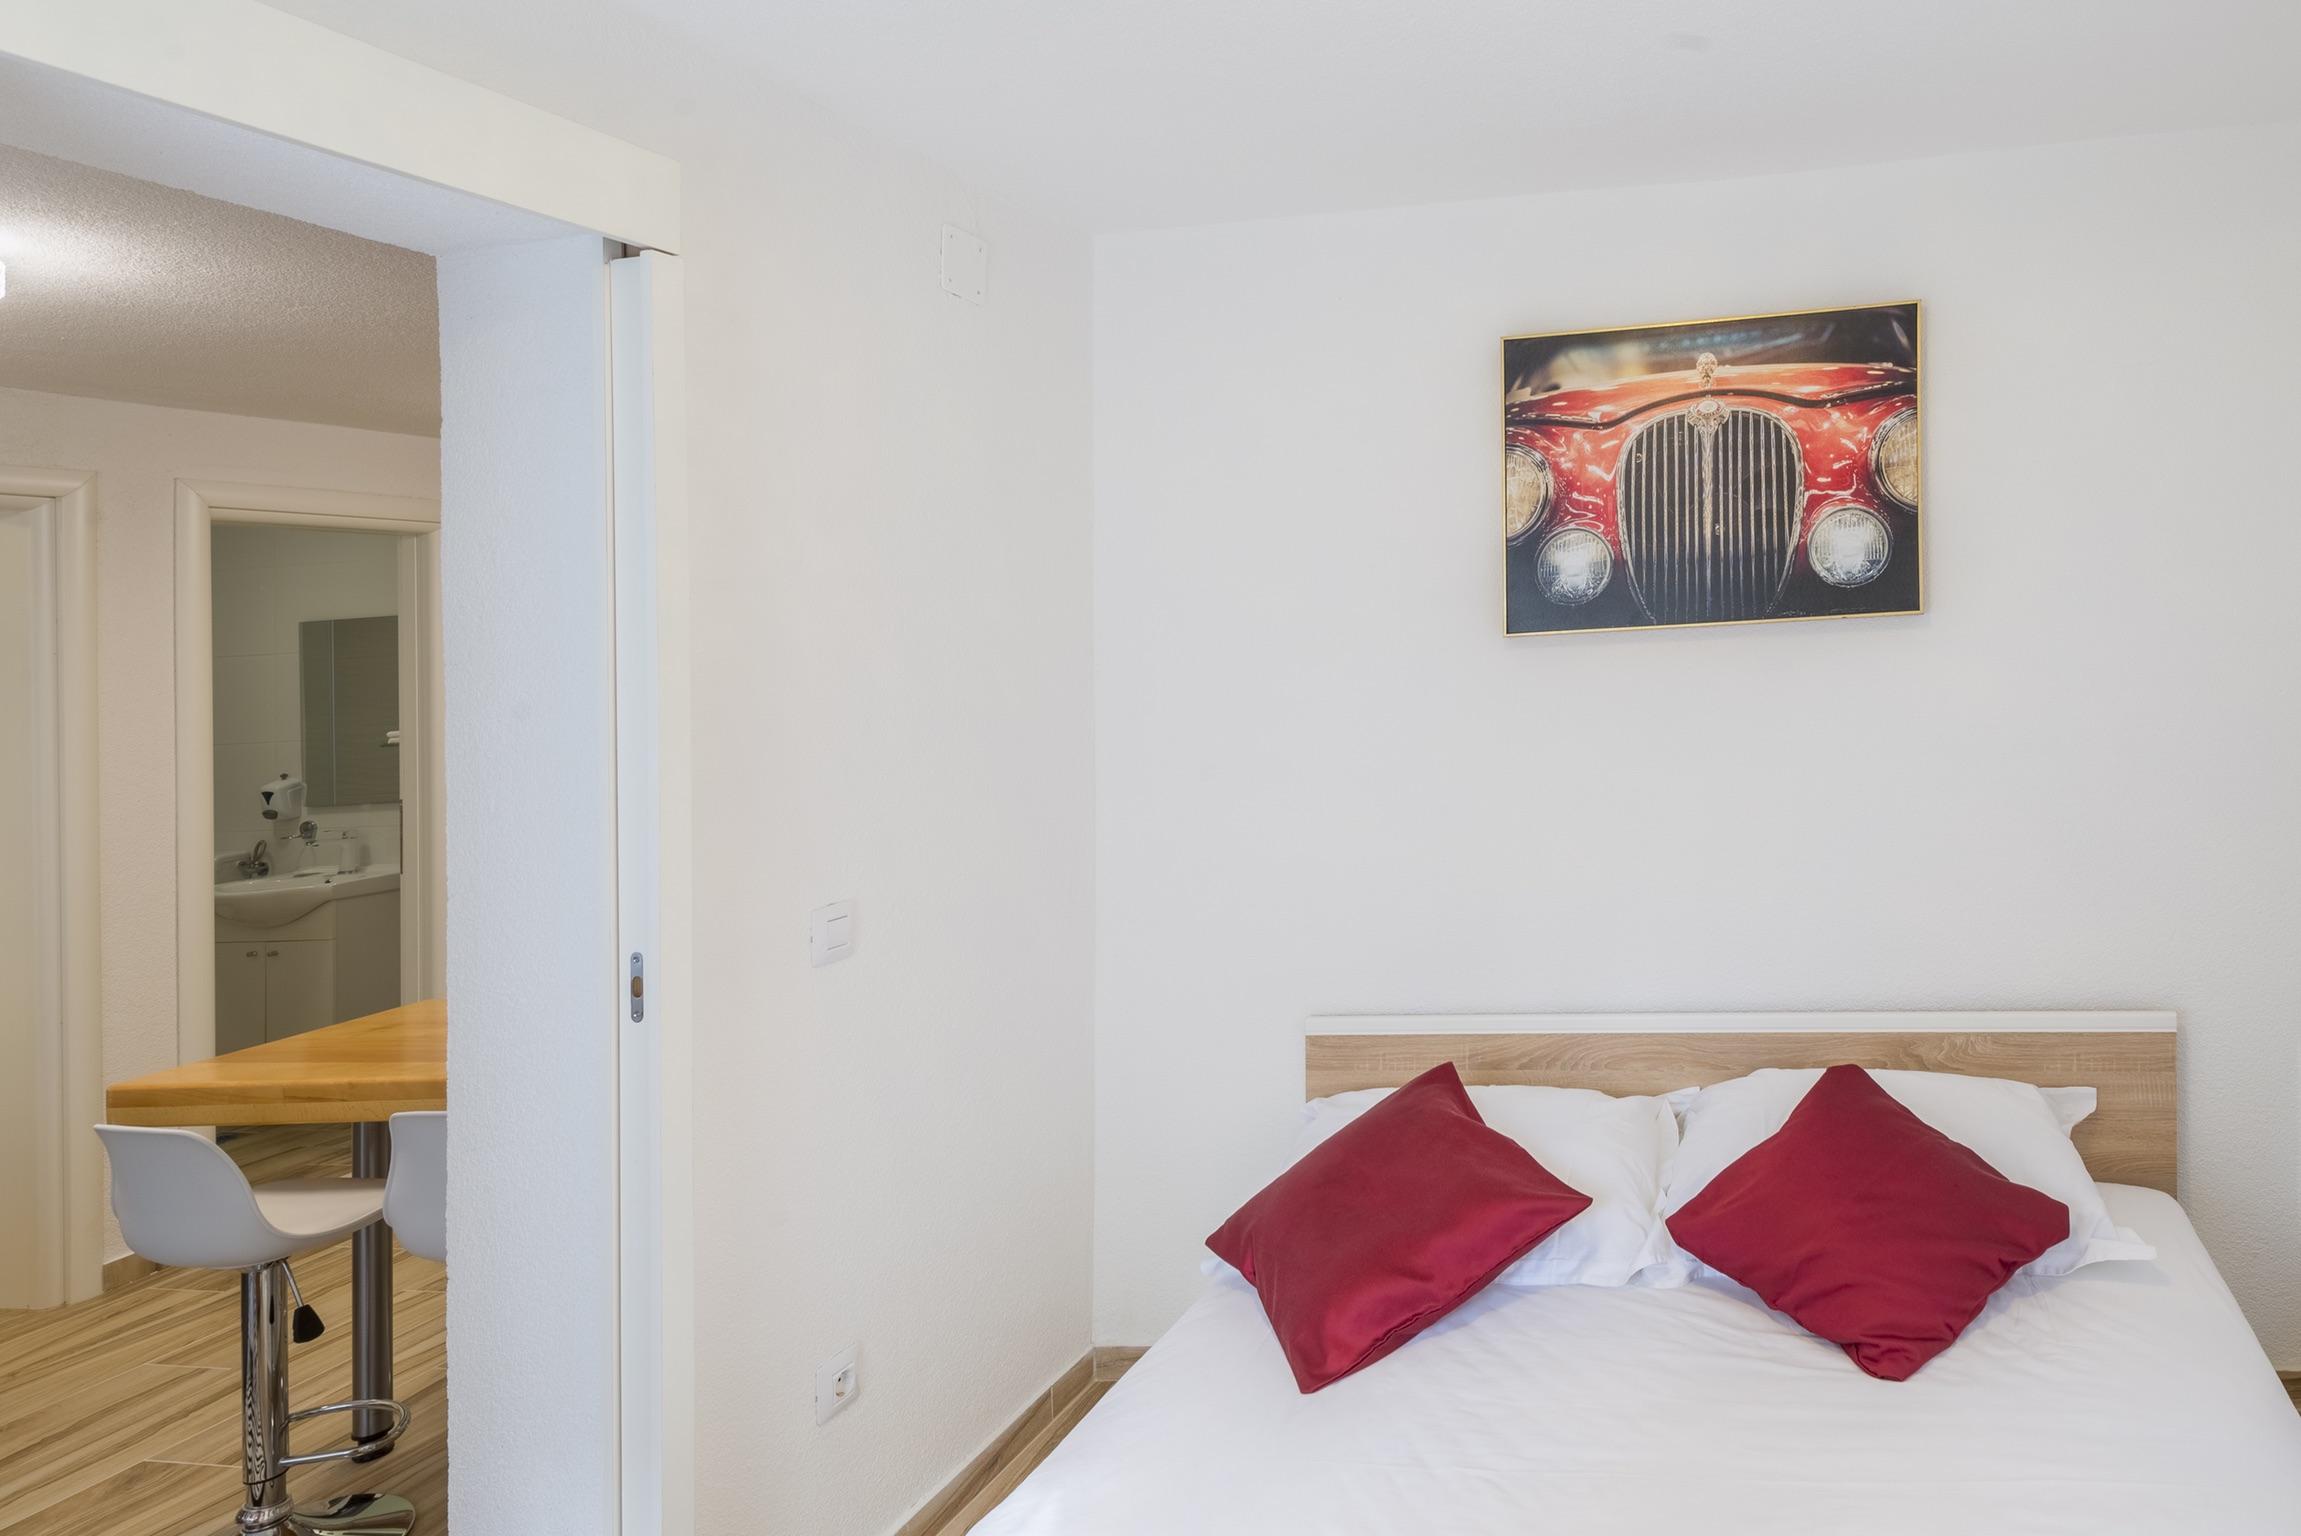 Ferienwohnung Wohnung mit 2 Zimmern in Baaka Voda mit herrlichem Meerblick, möblierter Terrasse und W-L (2201397), Baška Voda, , Dalmatien, Kroatien, Bild 18